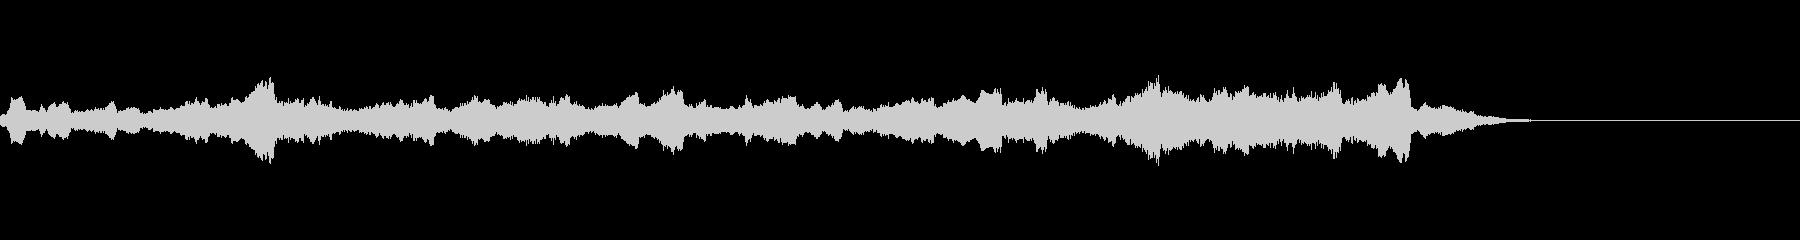 切ないバイオリン曲の未再生の波形